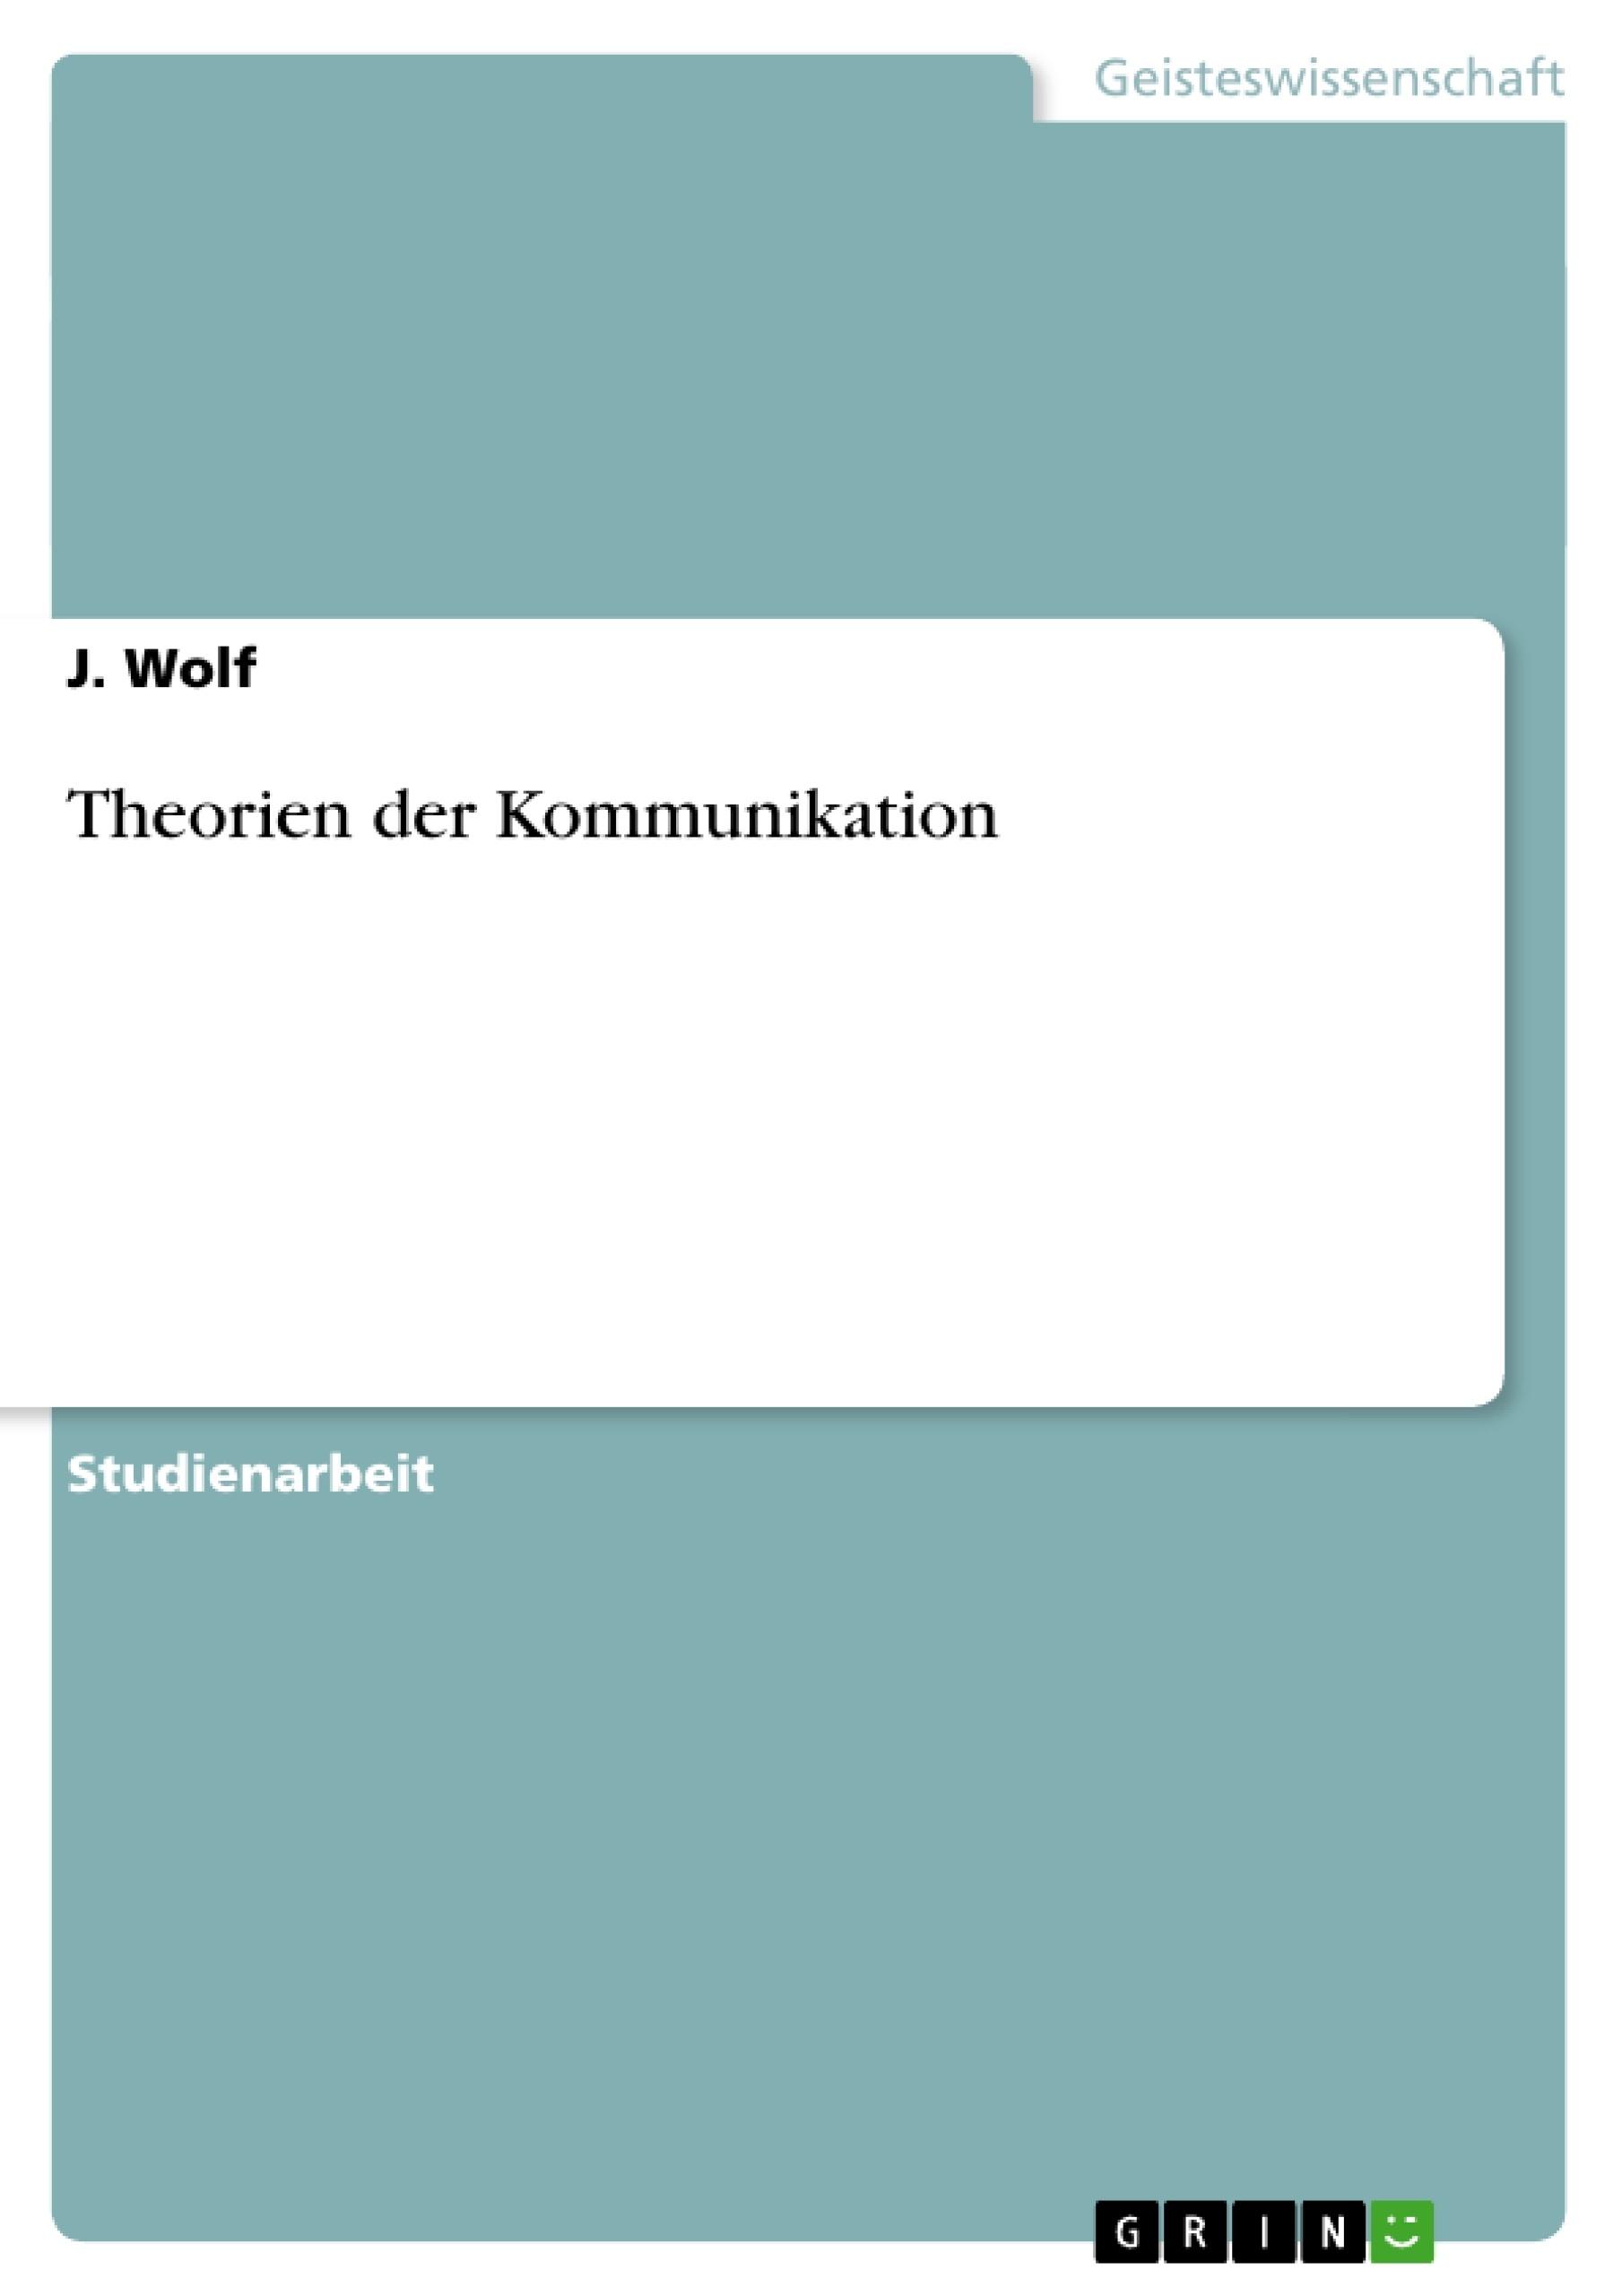 Titel: Theorien der Kommunikation